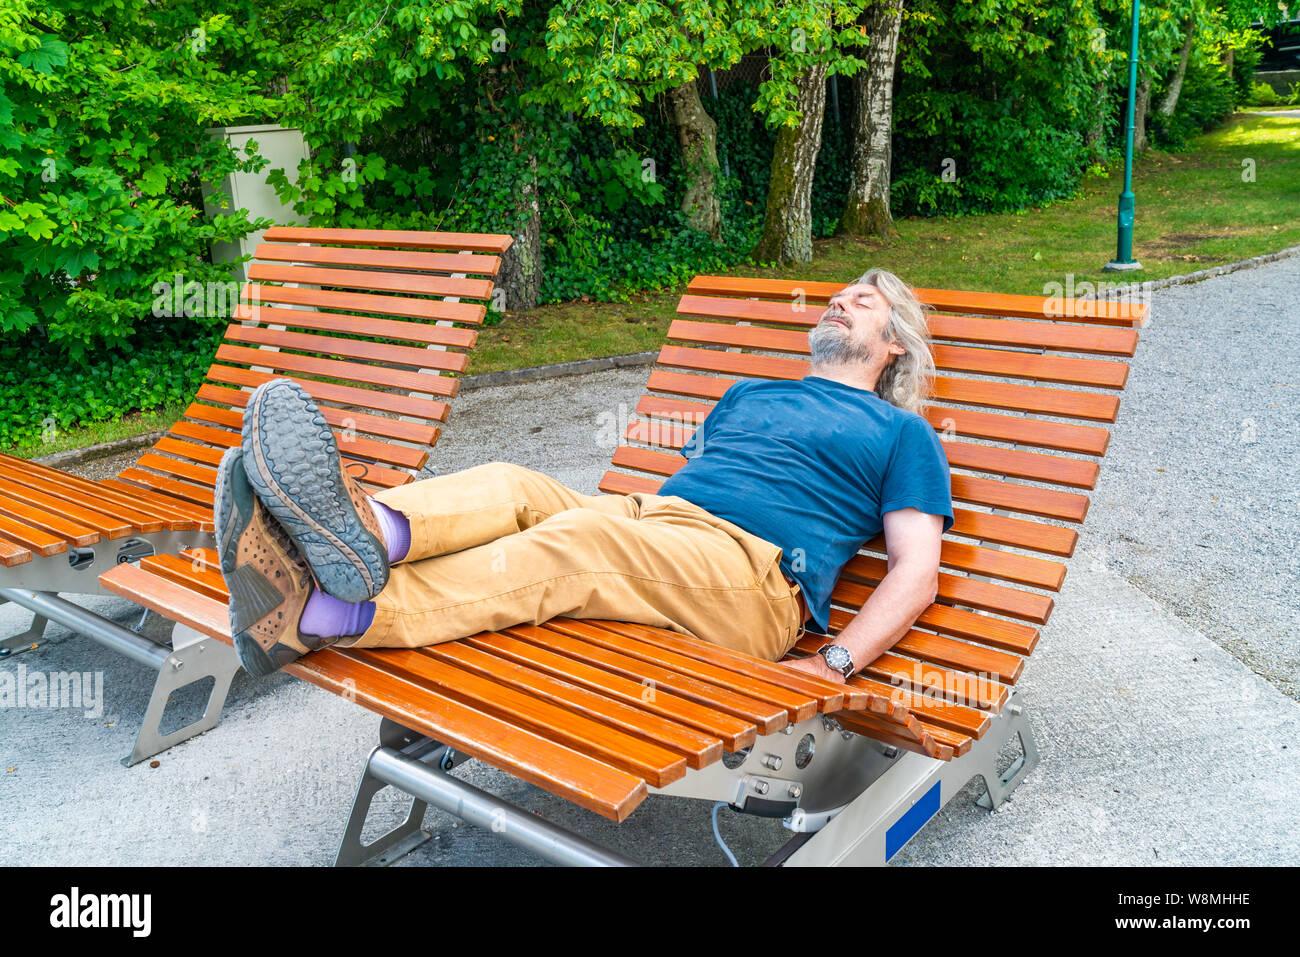 Un varón de mediana edad relajándose en una silla mecedora de madera en el parque público. Foto de stock